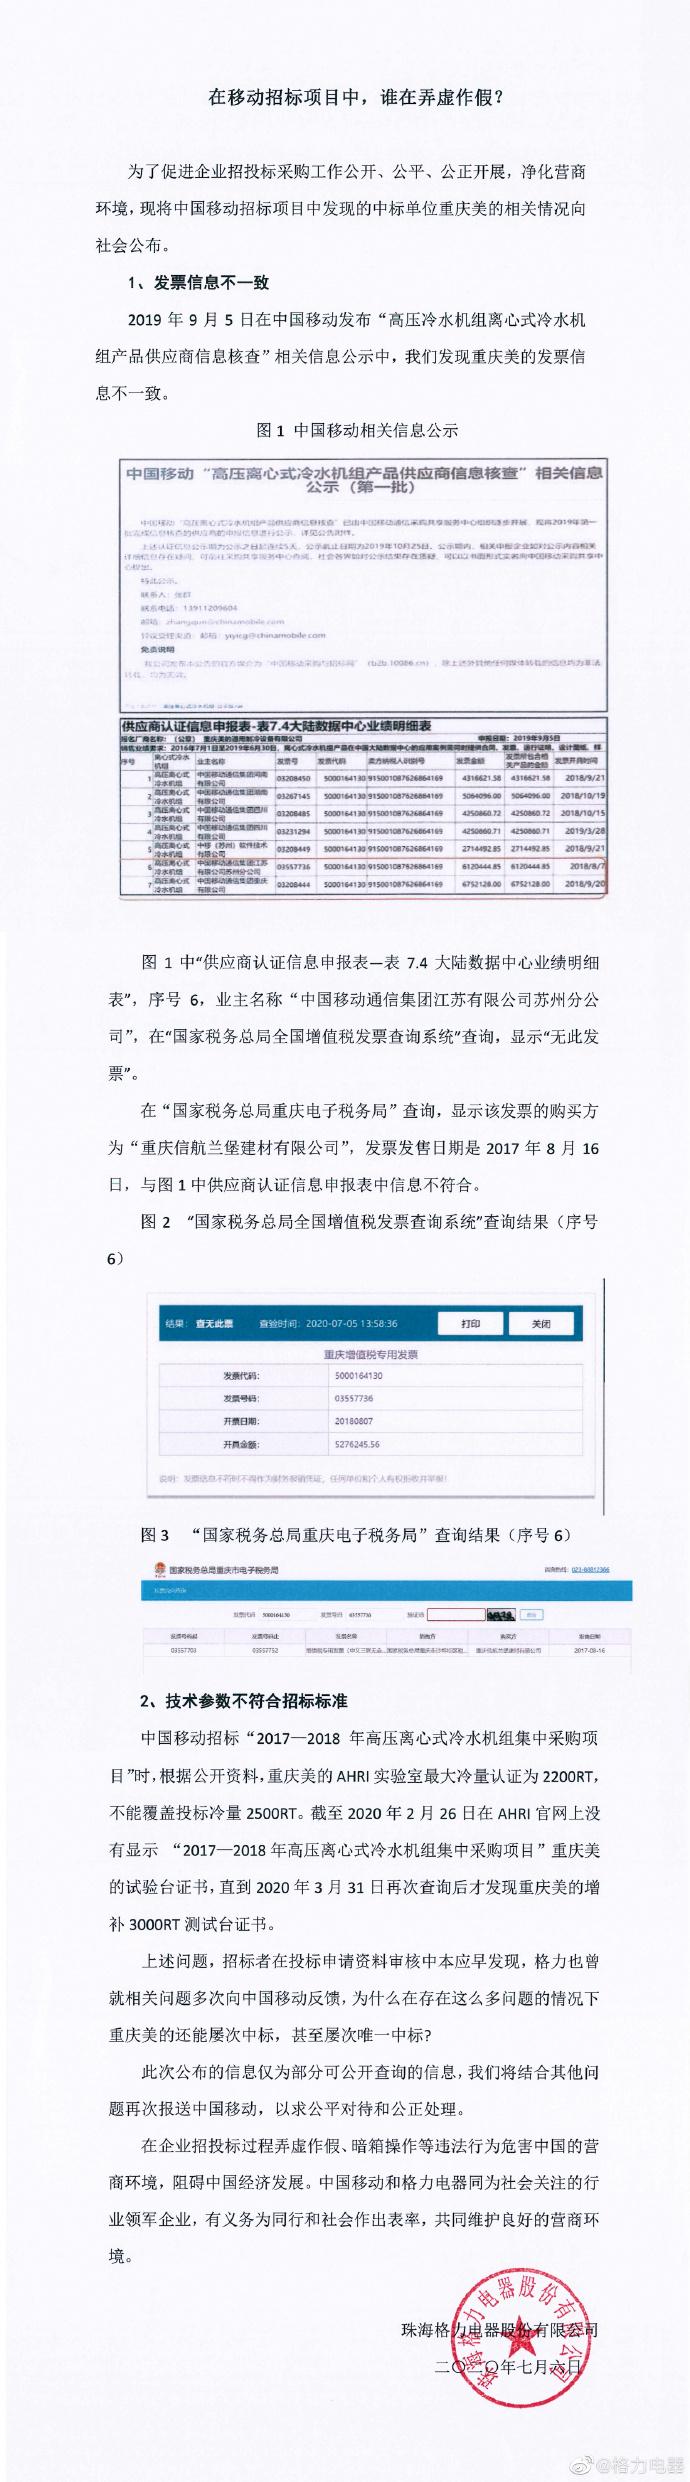 格力质疑美的弄虚作假:中国移动招标中重庆美的发票信息不一致